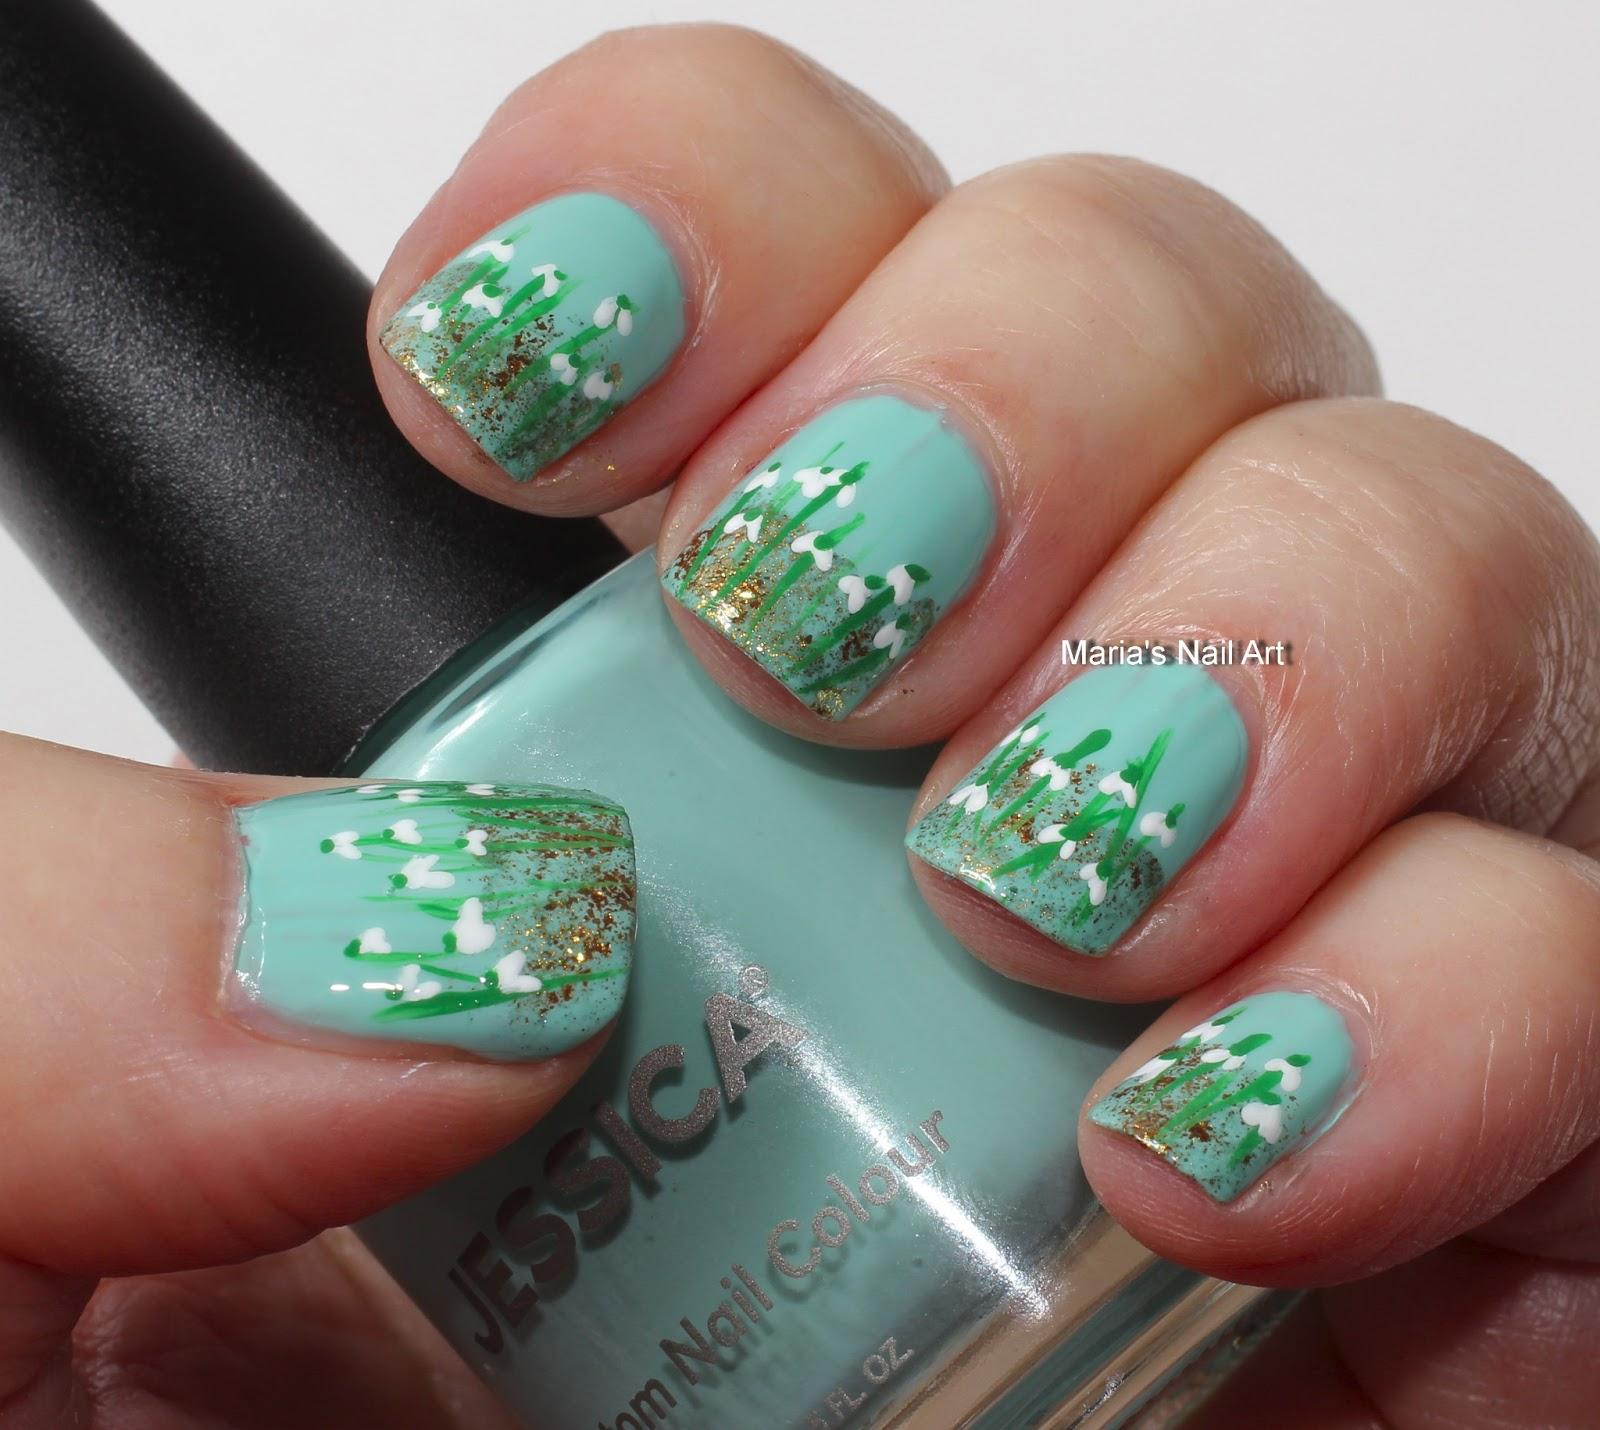 Marias Nail Art and Polish Blog: Snowdrops - vintergækker